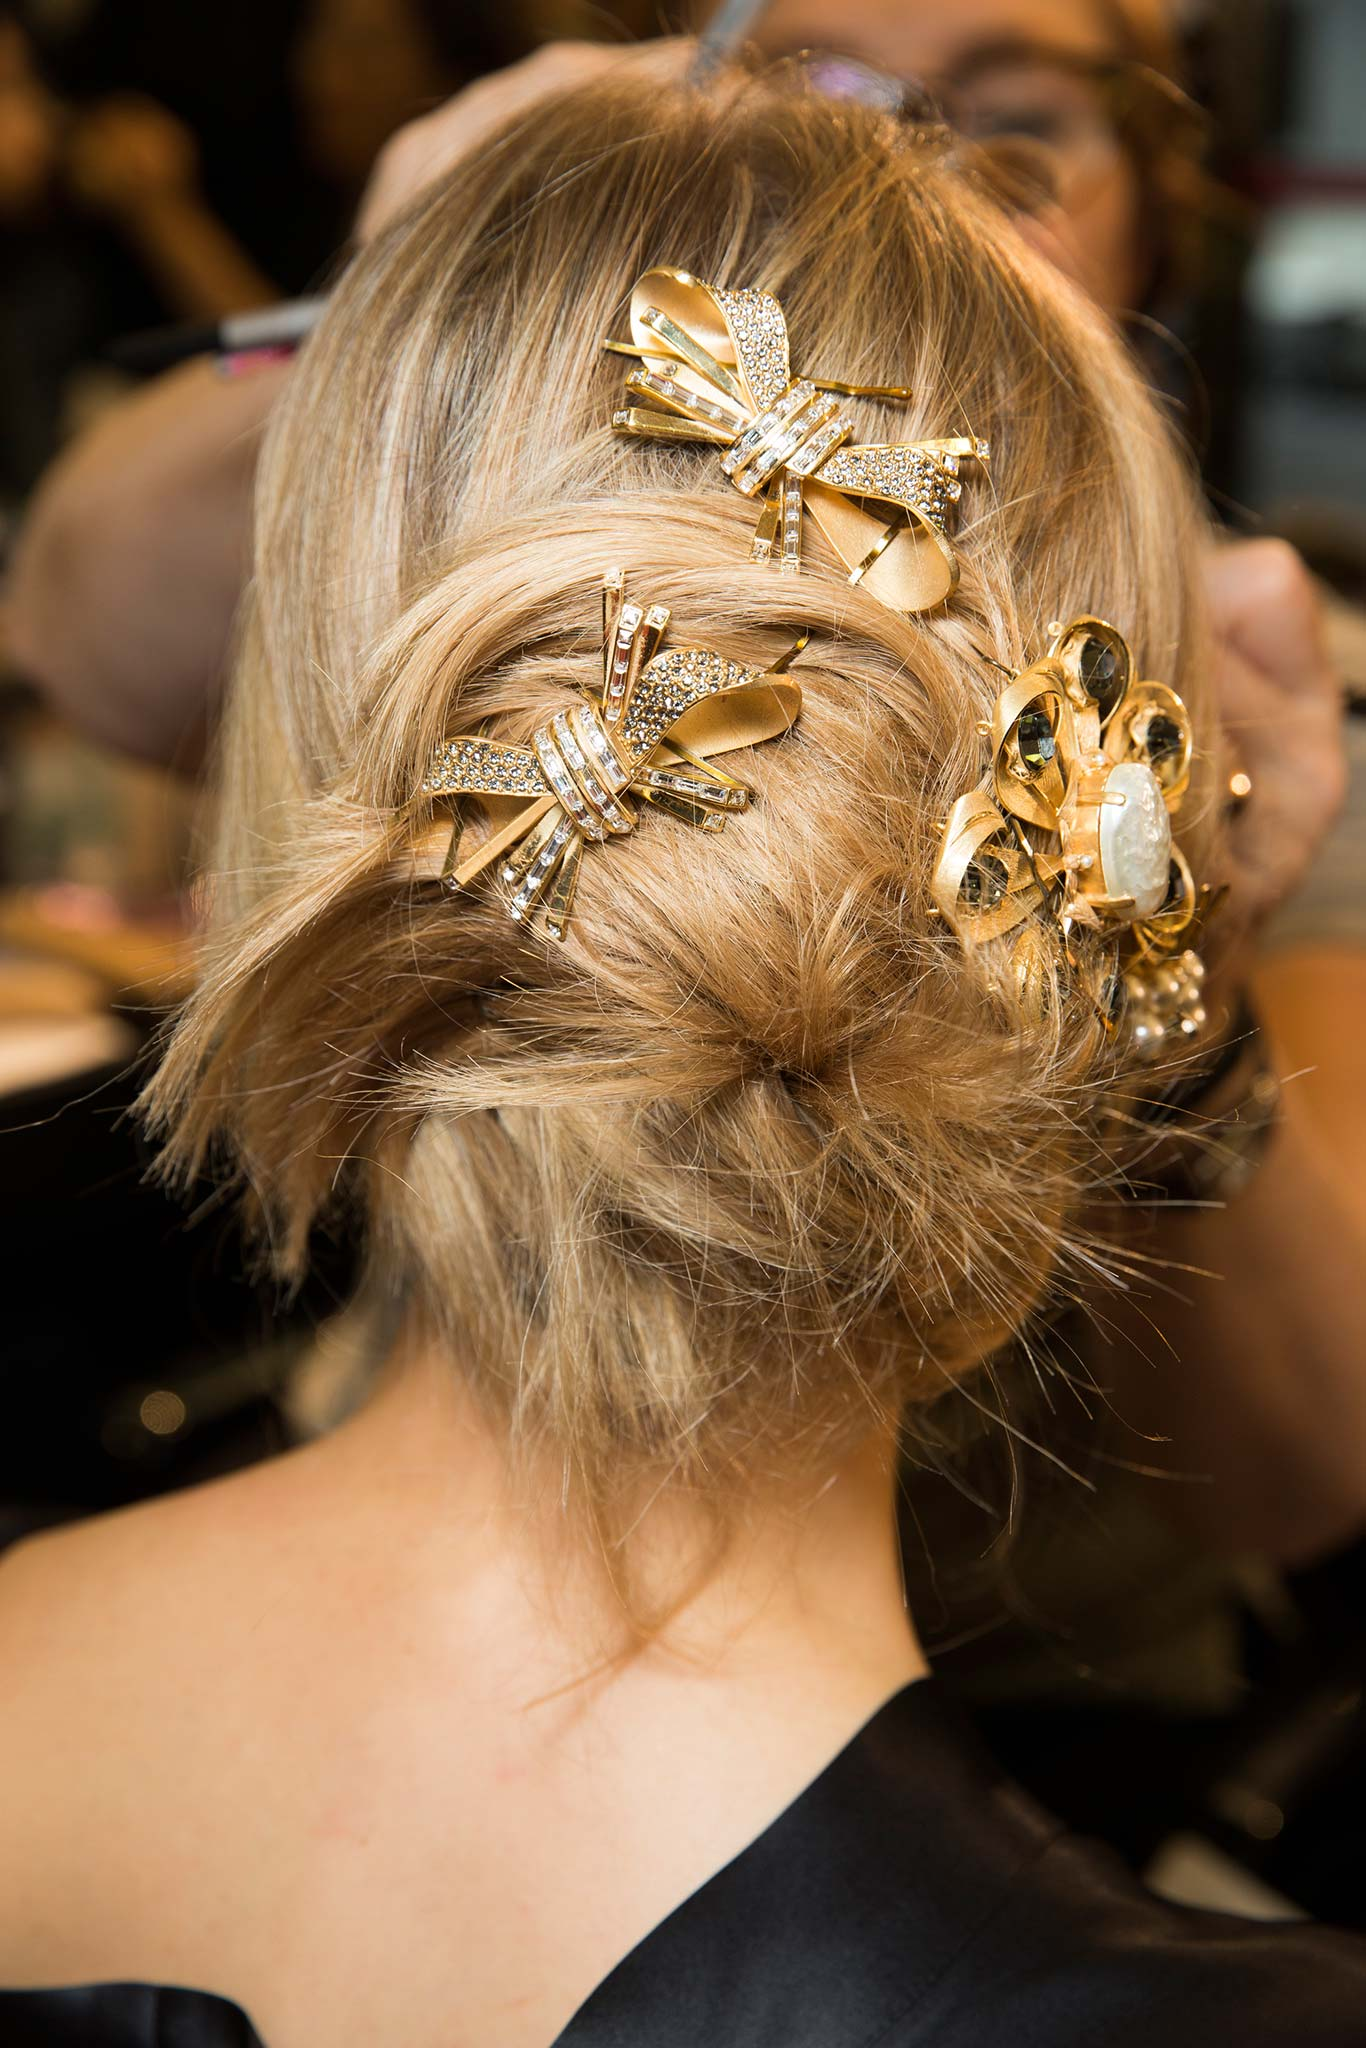 Dolce & Gabbana Inverno 2015 imagem: via site D&G